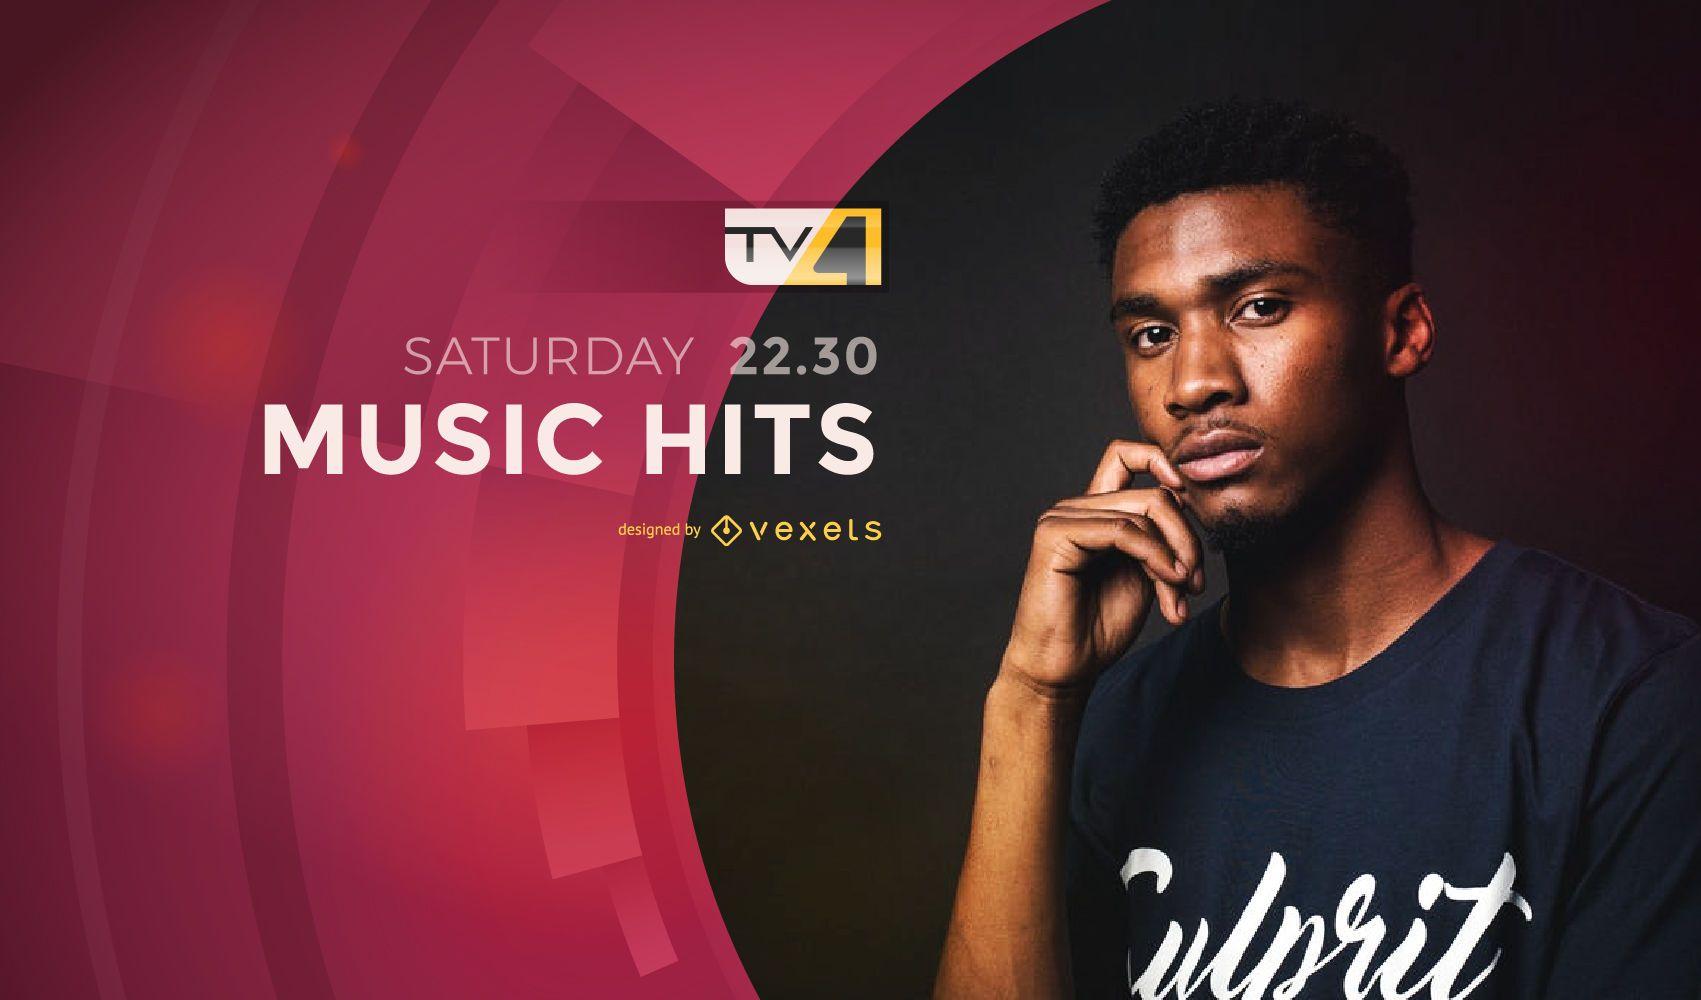 Música na televisão chega à tela do programa